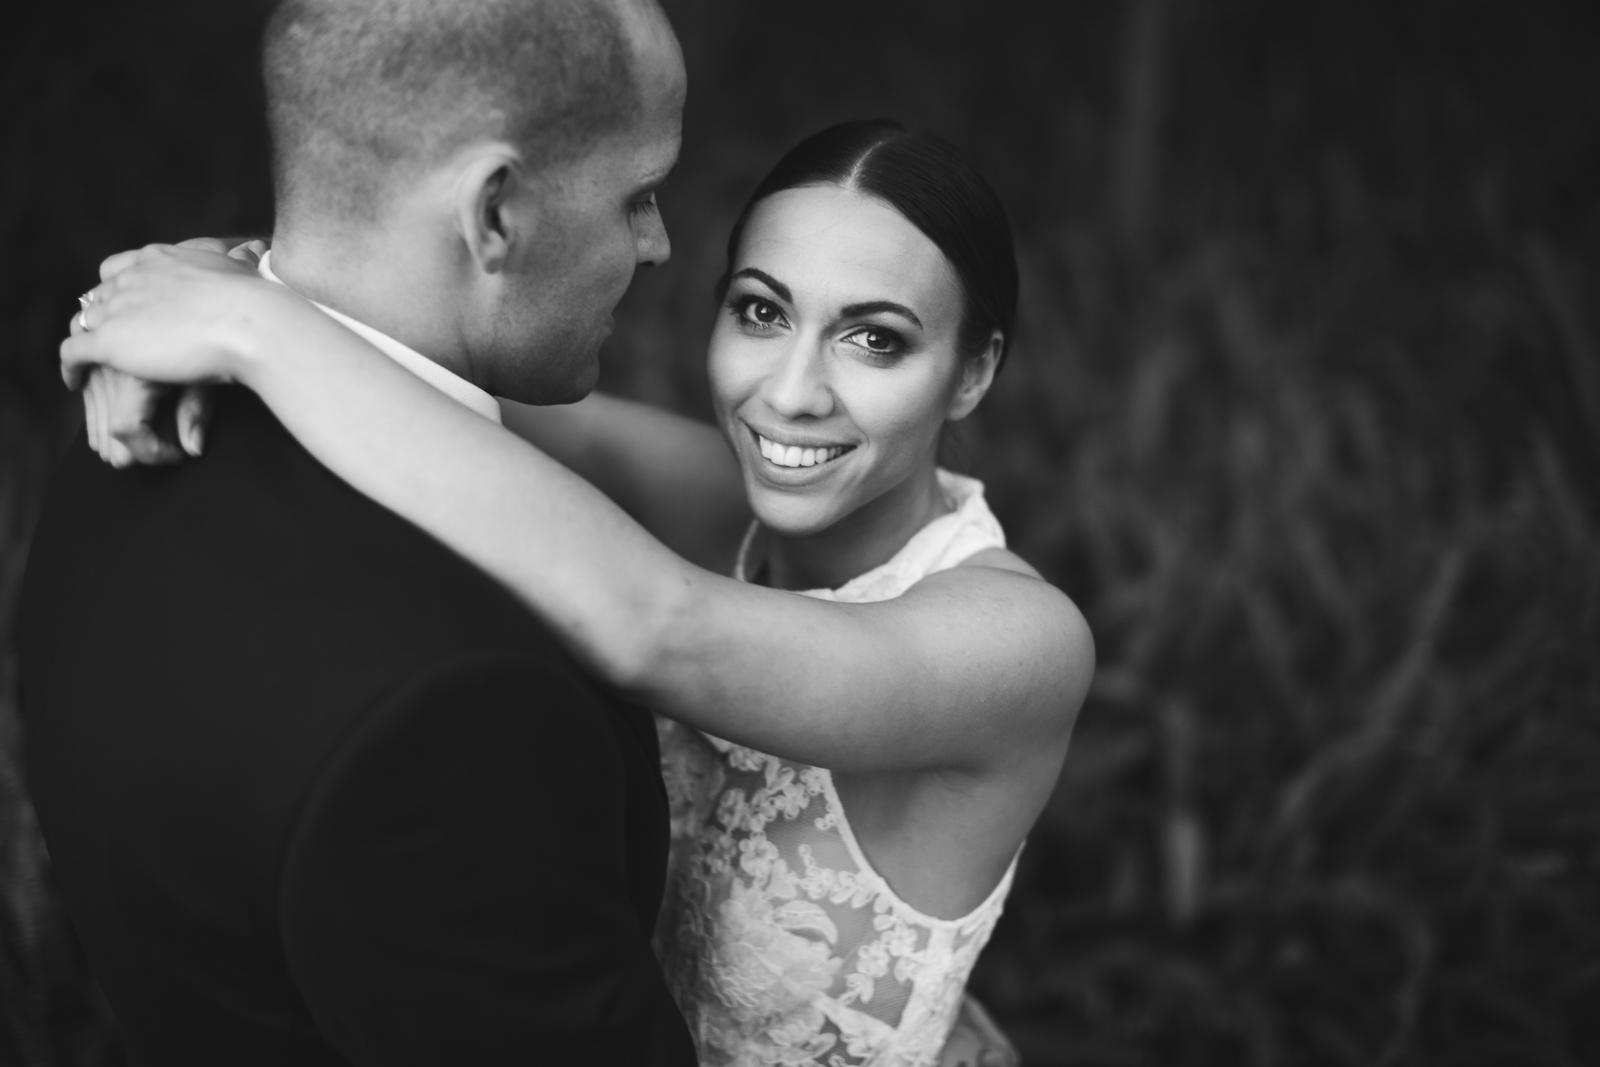 187-Bec_Kilpatrick_Photography_Bianca_and_Chris_GoldCoast_Wedding_DancingATP_787122